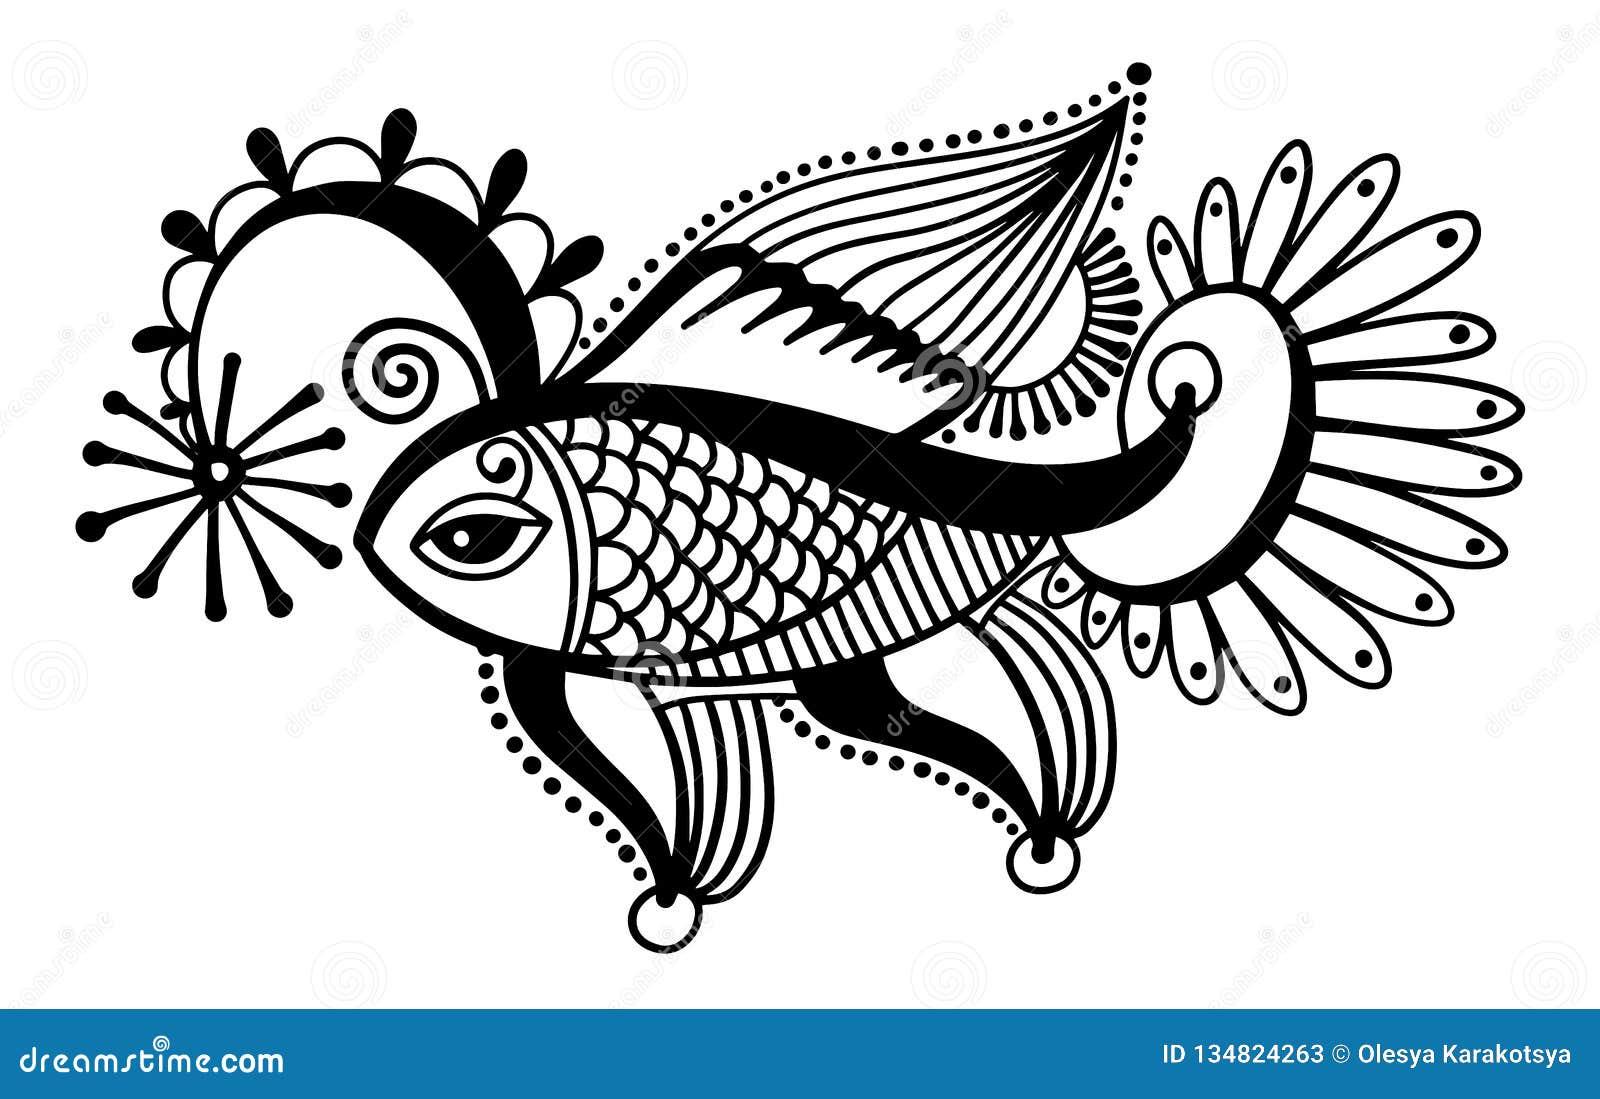 Desenho Tribal Dos Peixes Decoracao Indiana Do Mehndi Ilustracao